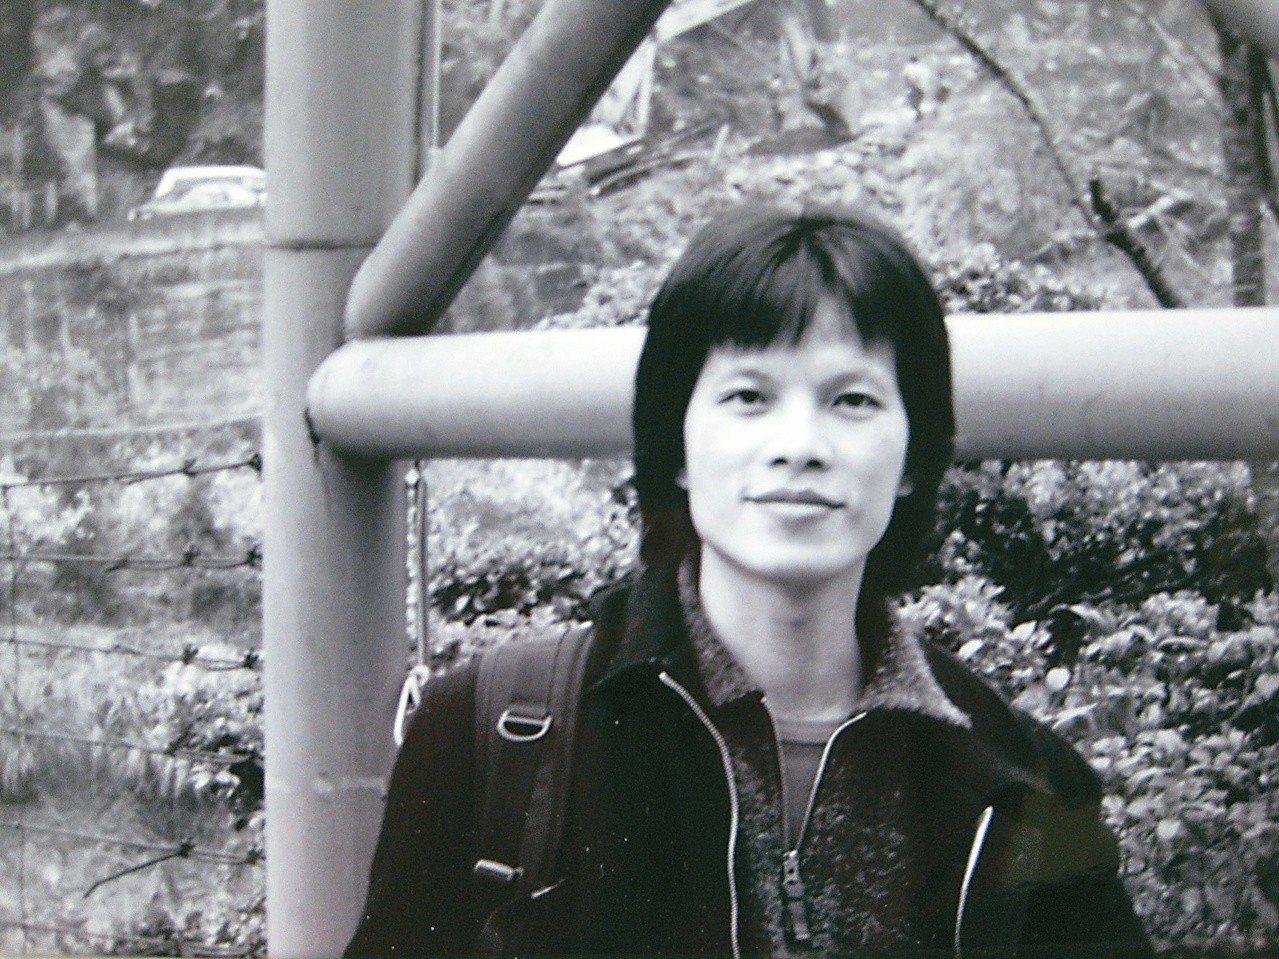 林靖傑,約2000年於高雄佛光山,當時33歲。(圖/林靖傑提供)